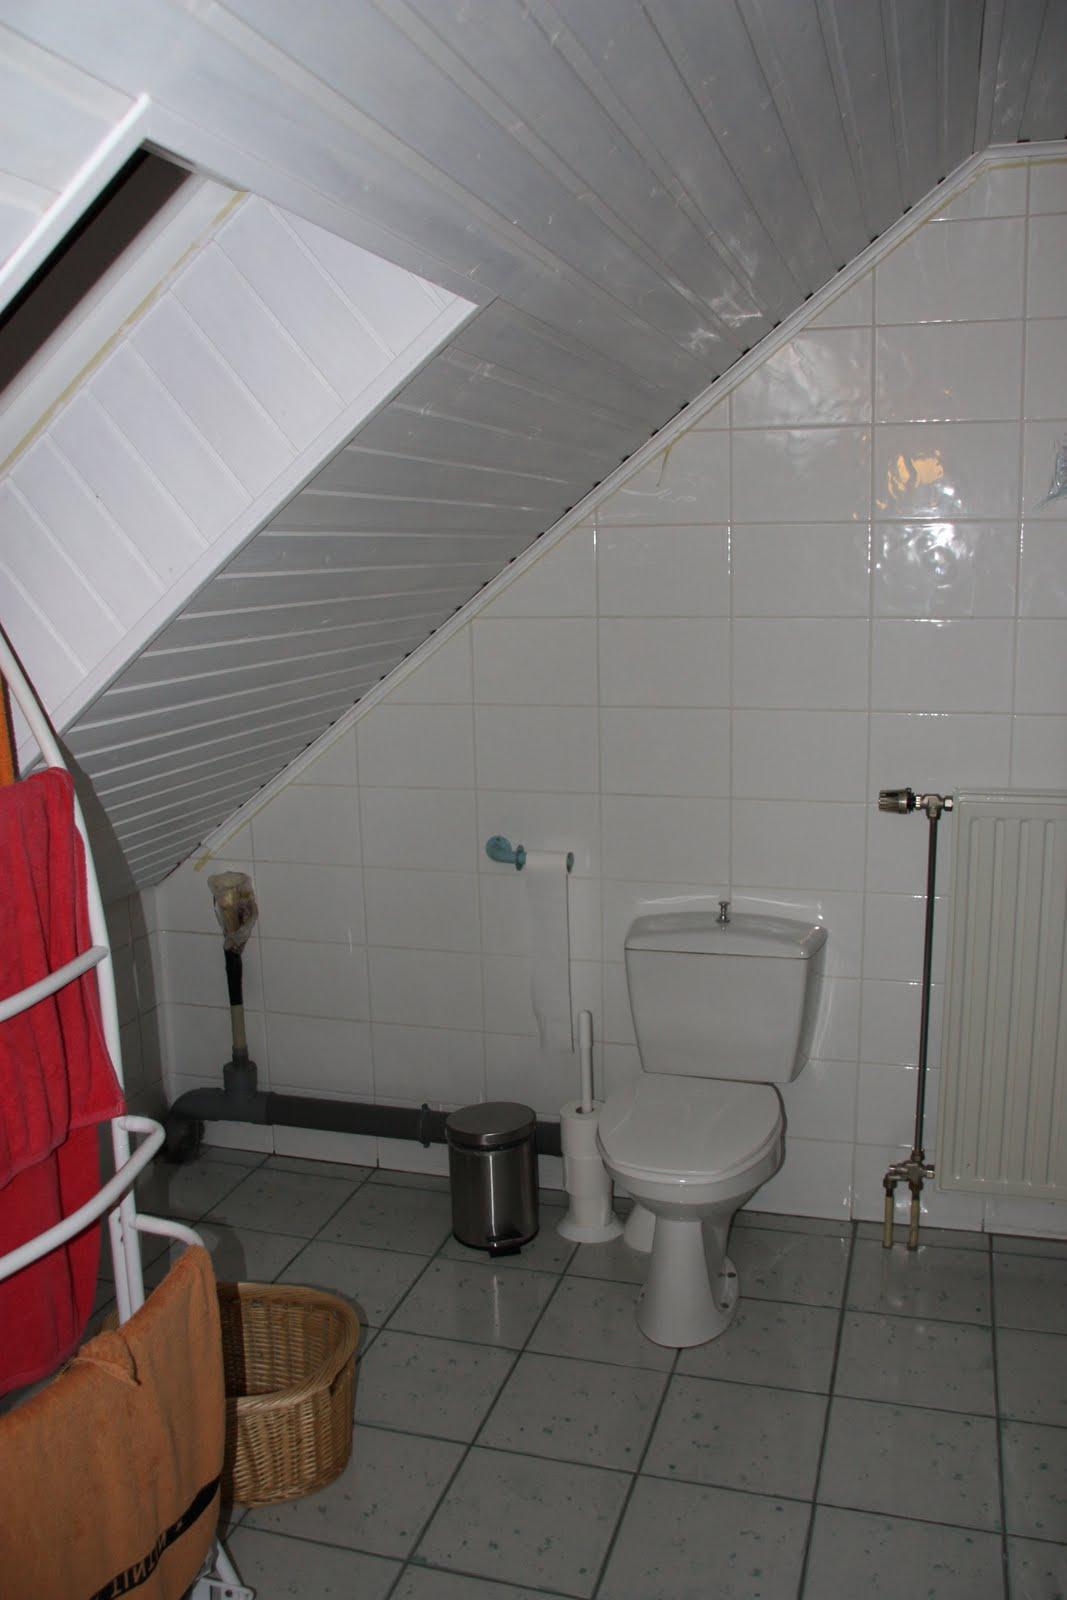 D coration et architecture d 39 int rieur salle de bains for Decoration interieur salle de bain